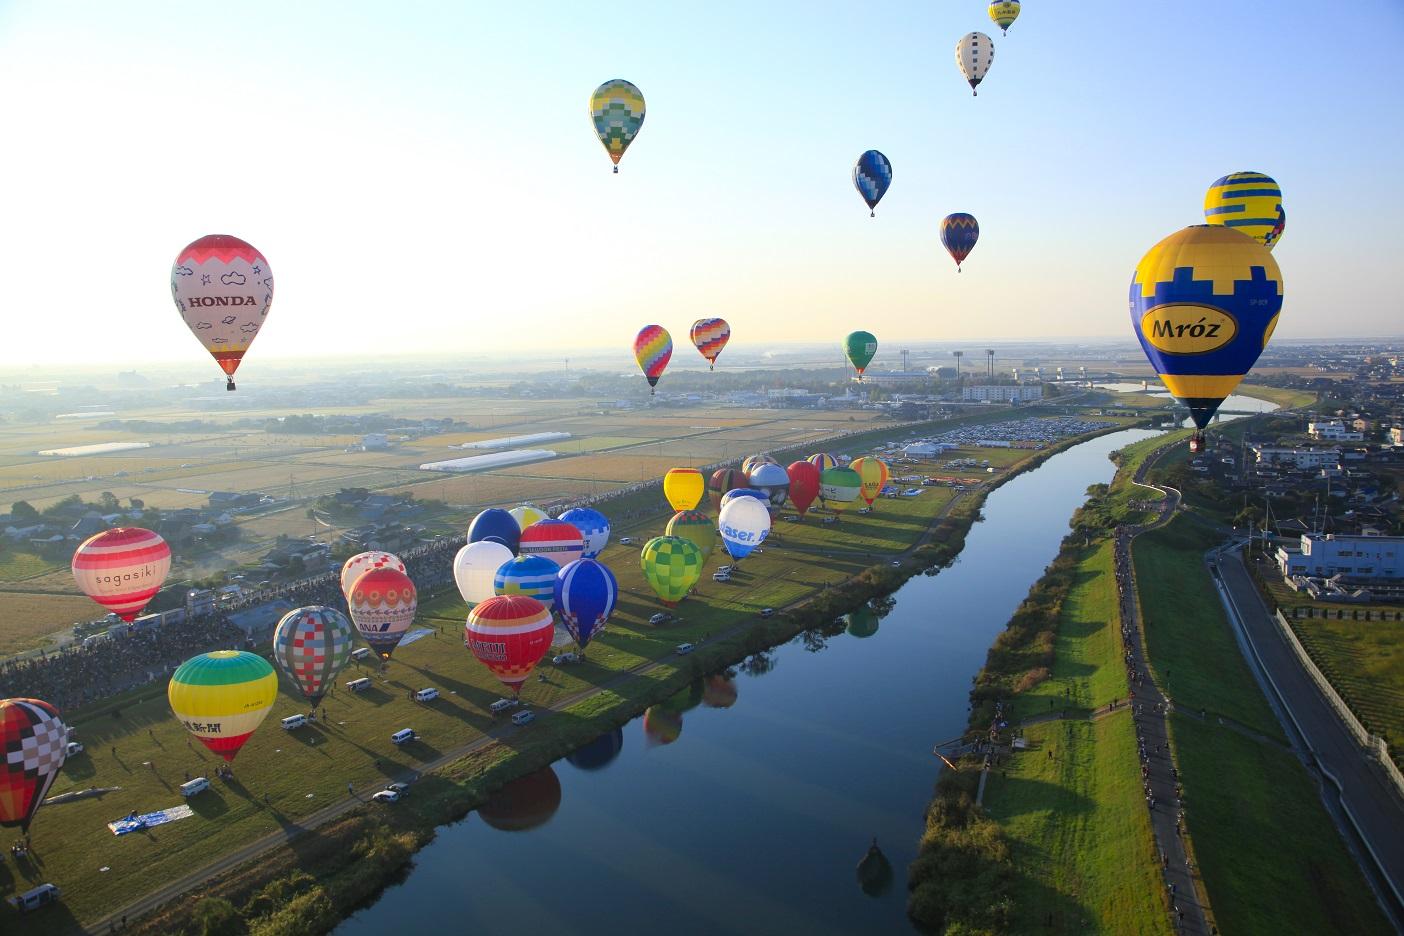 Hình ảnh khinh khí cầu cực đẹp